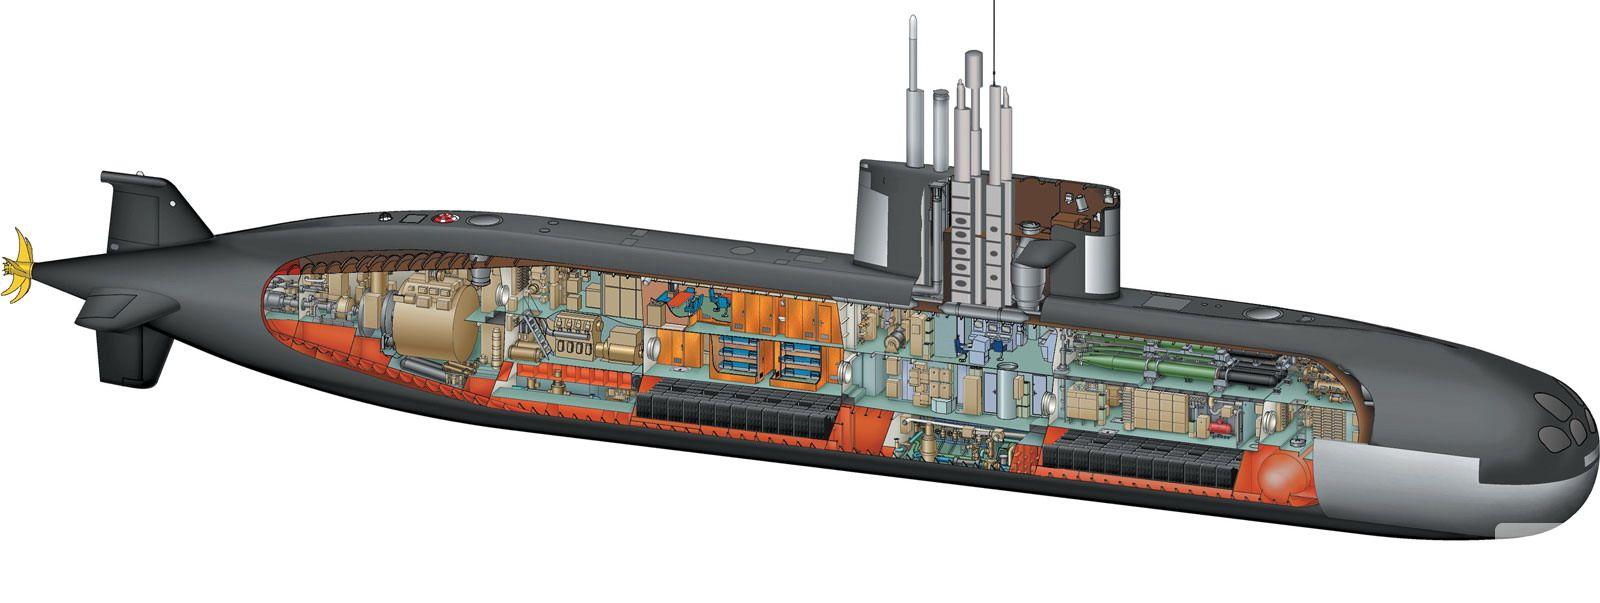 潜艇原理与构造图解